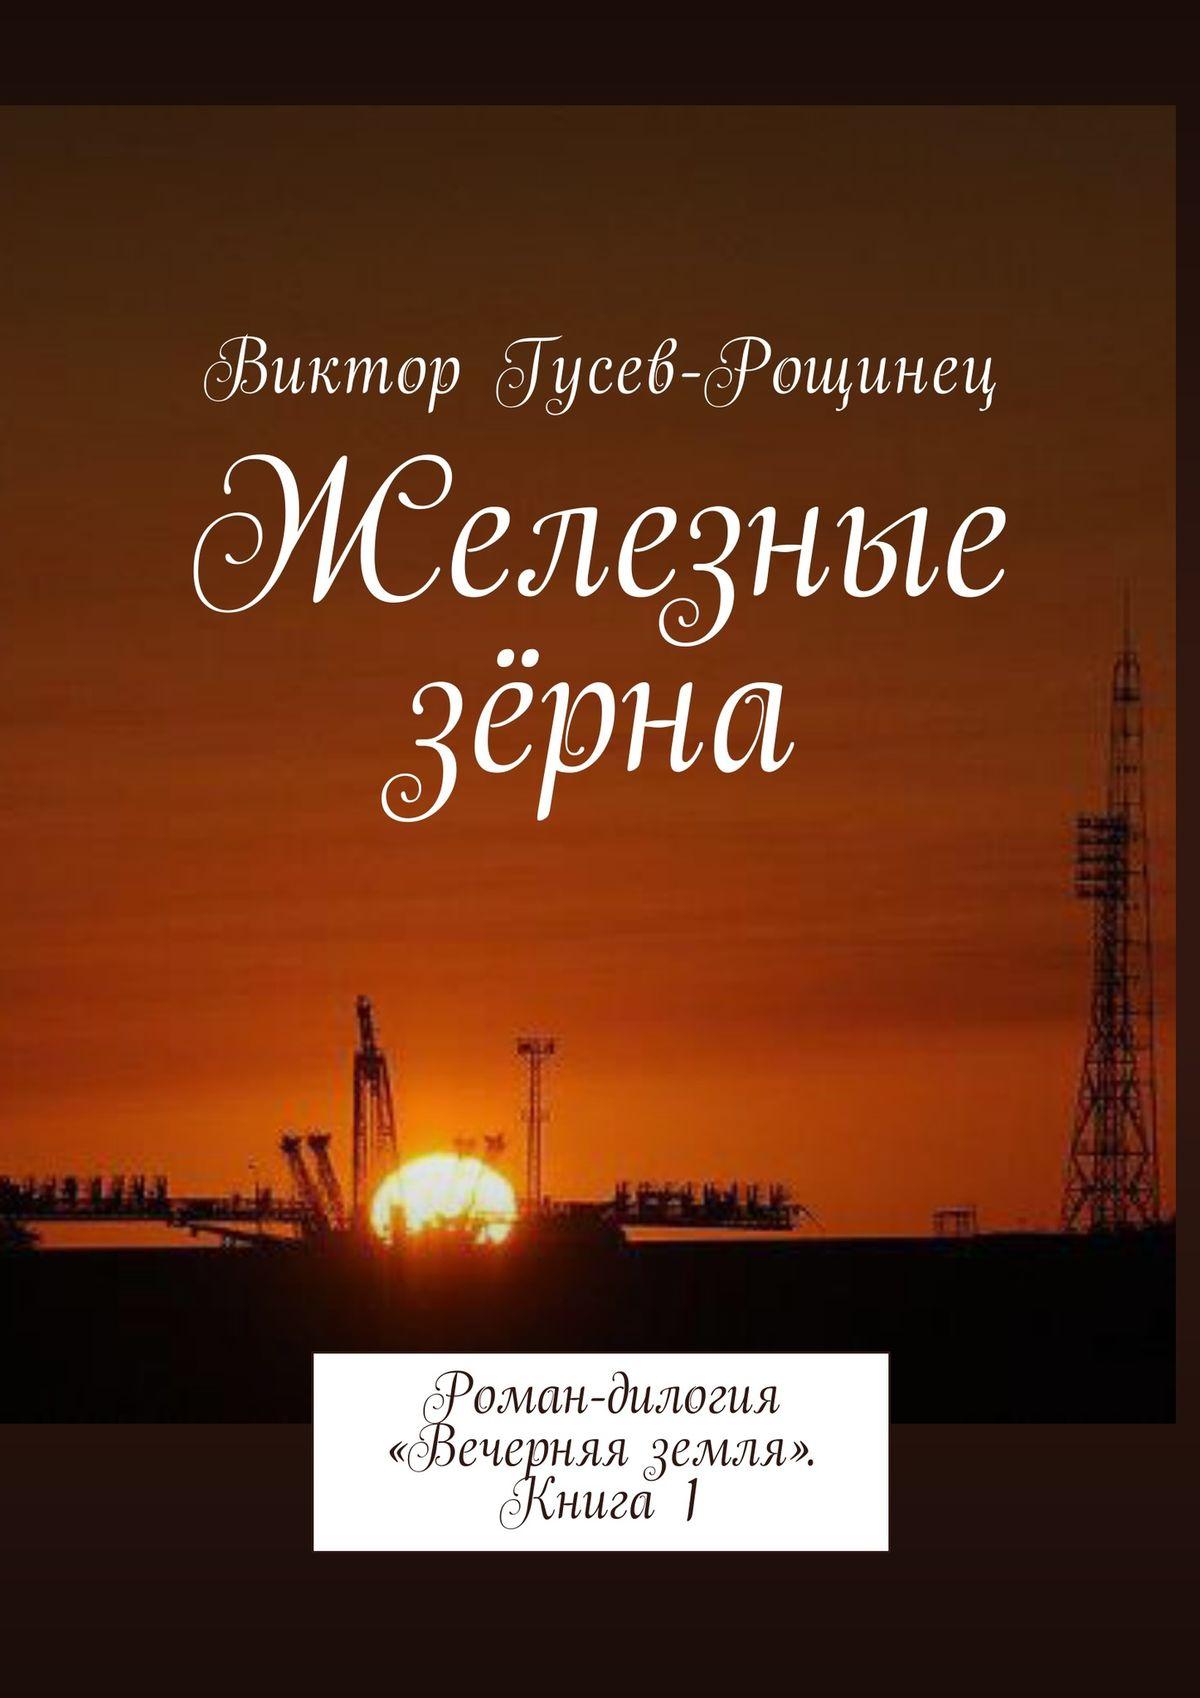 Виктор Гусев-Рощинец Железные зерна. Роман-дилогия «Вечерняя земля». Книга 1 цены онлайн